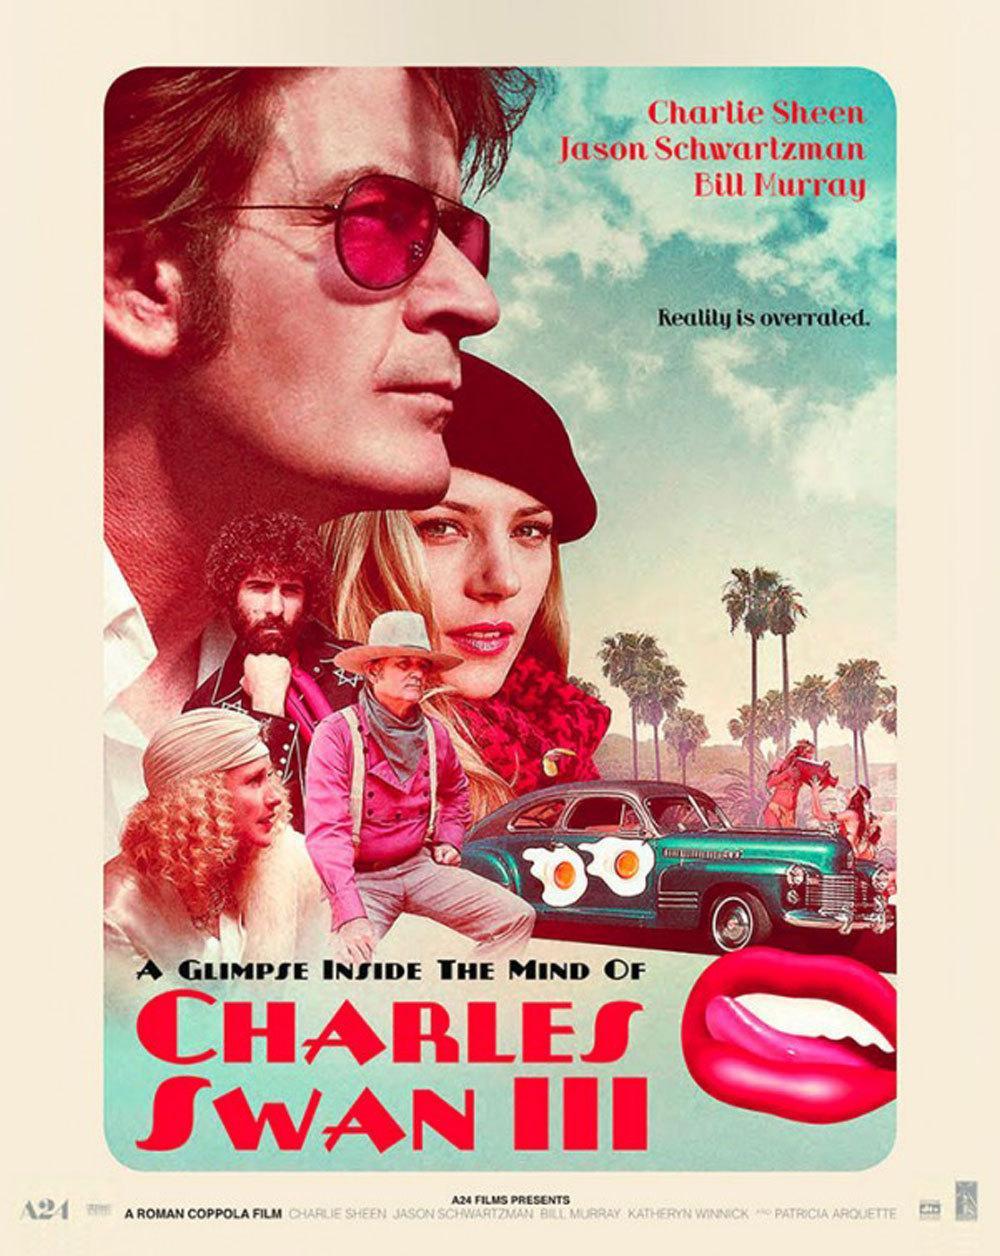 科波拉之子导演新片《查尔斯的心灵》首曝预告 查理·辛、比尔·默瑞领衔